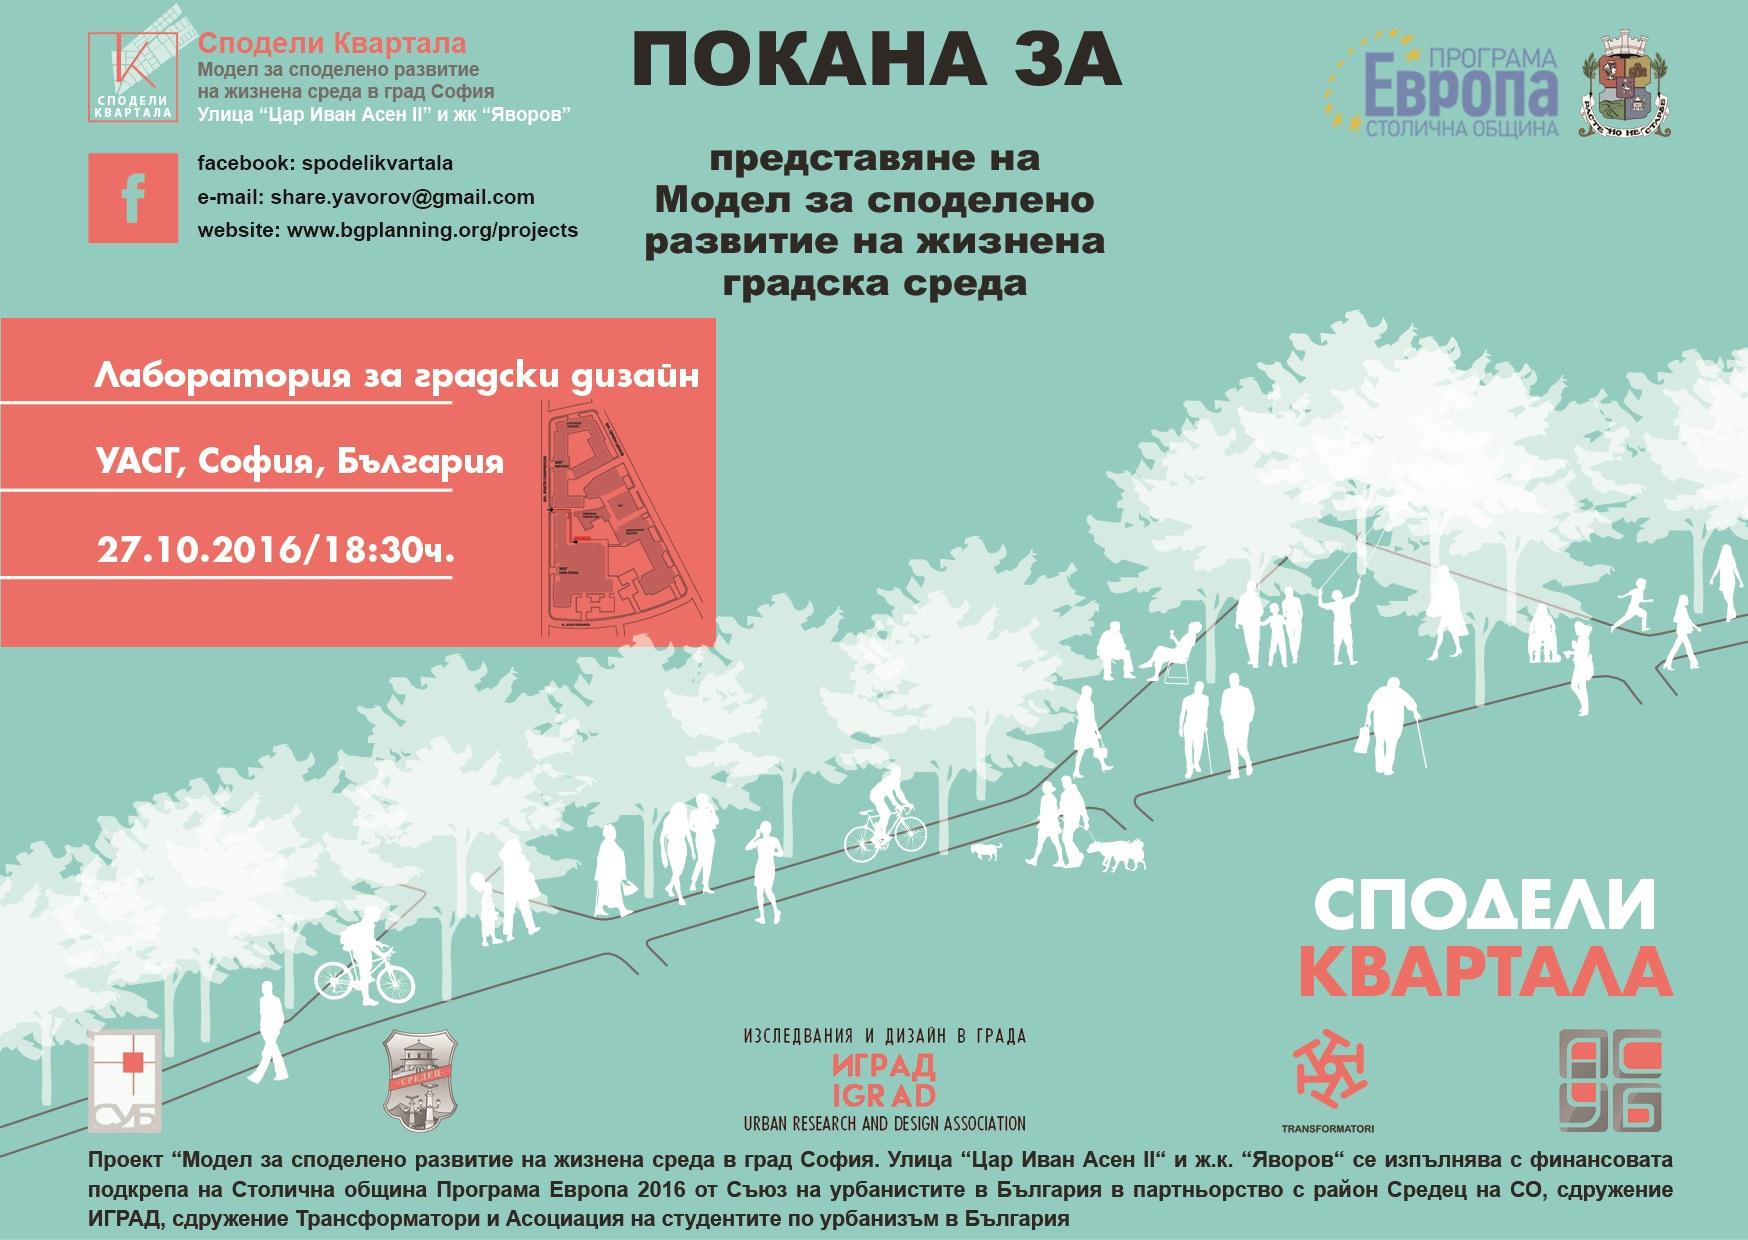 Представяне на Модел за споделено развитие на жизнена градска среда